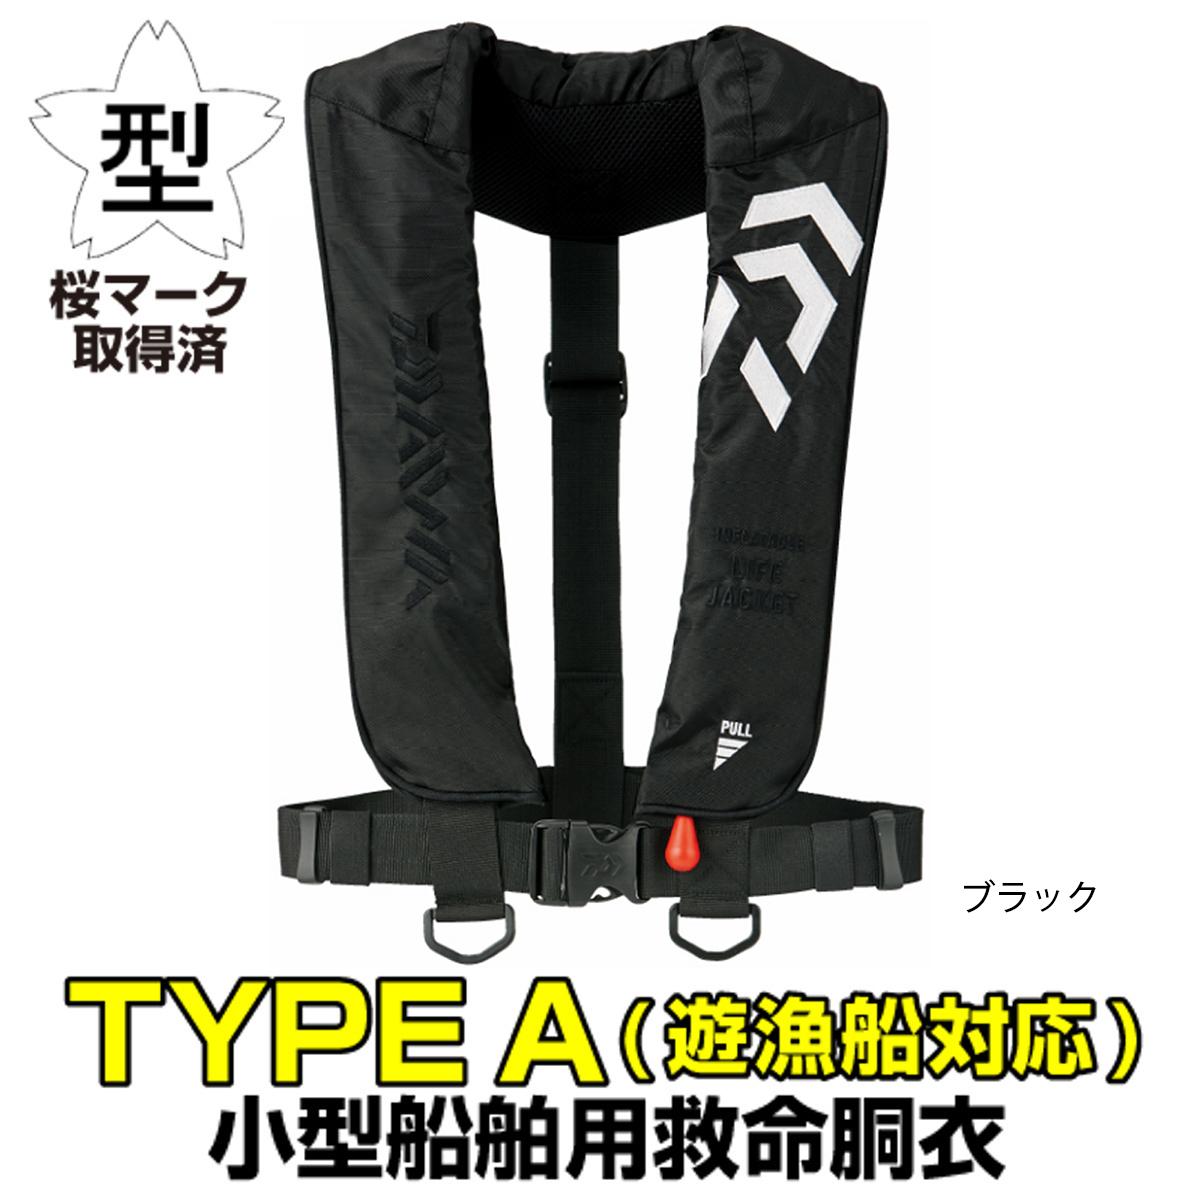 ダイワ インフレータブルライフジャケット(肩掛けタイプ手動・自動膨脹式) DF-2608 ブラック ※遊漁船対応(東日本店)